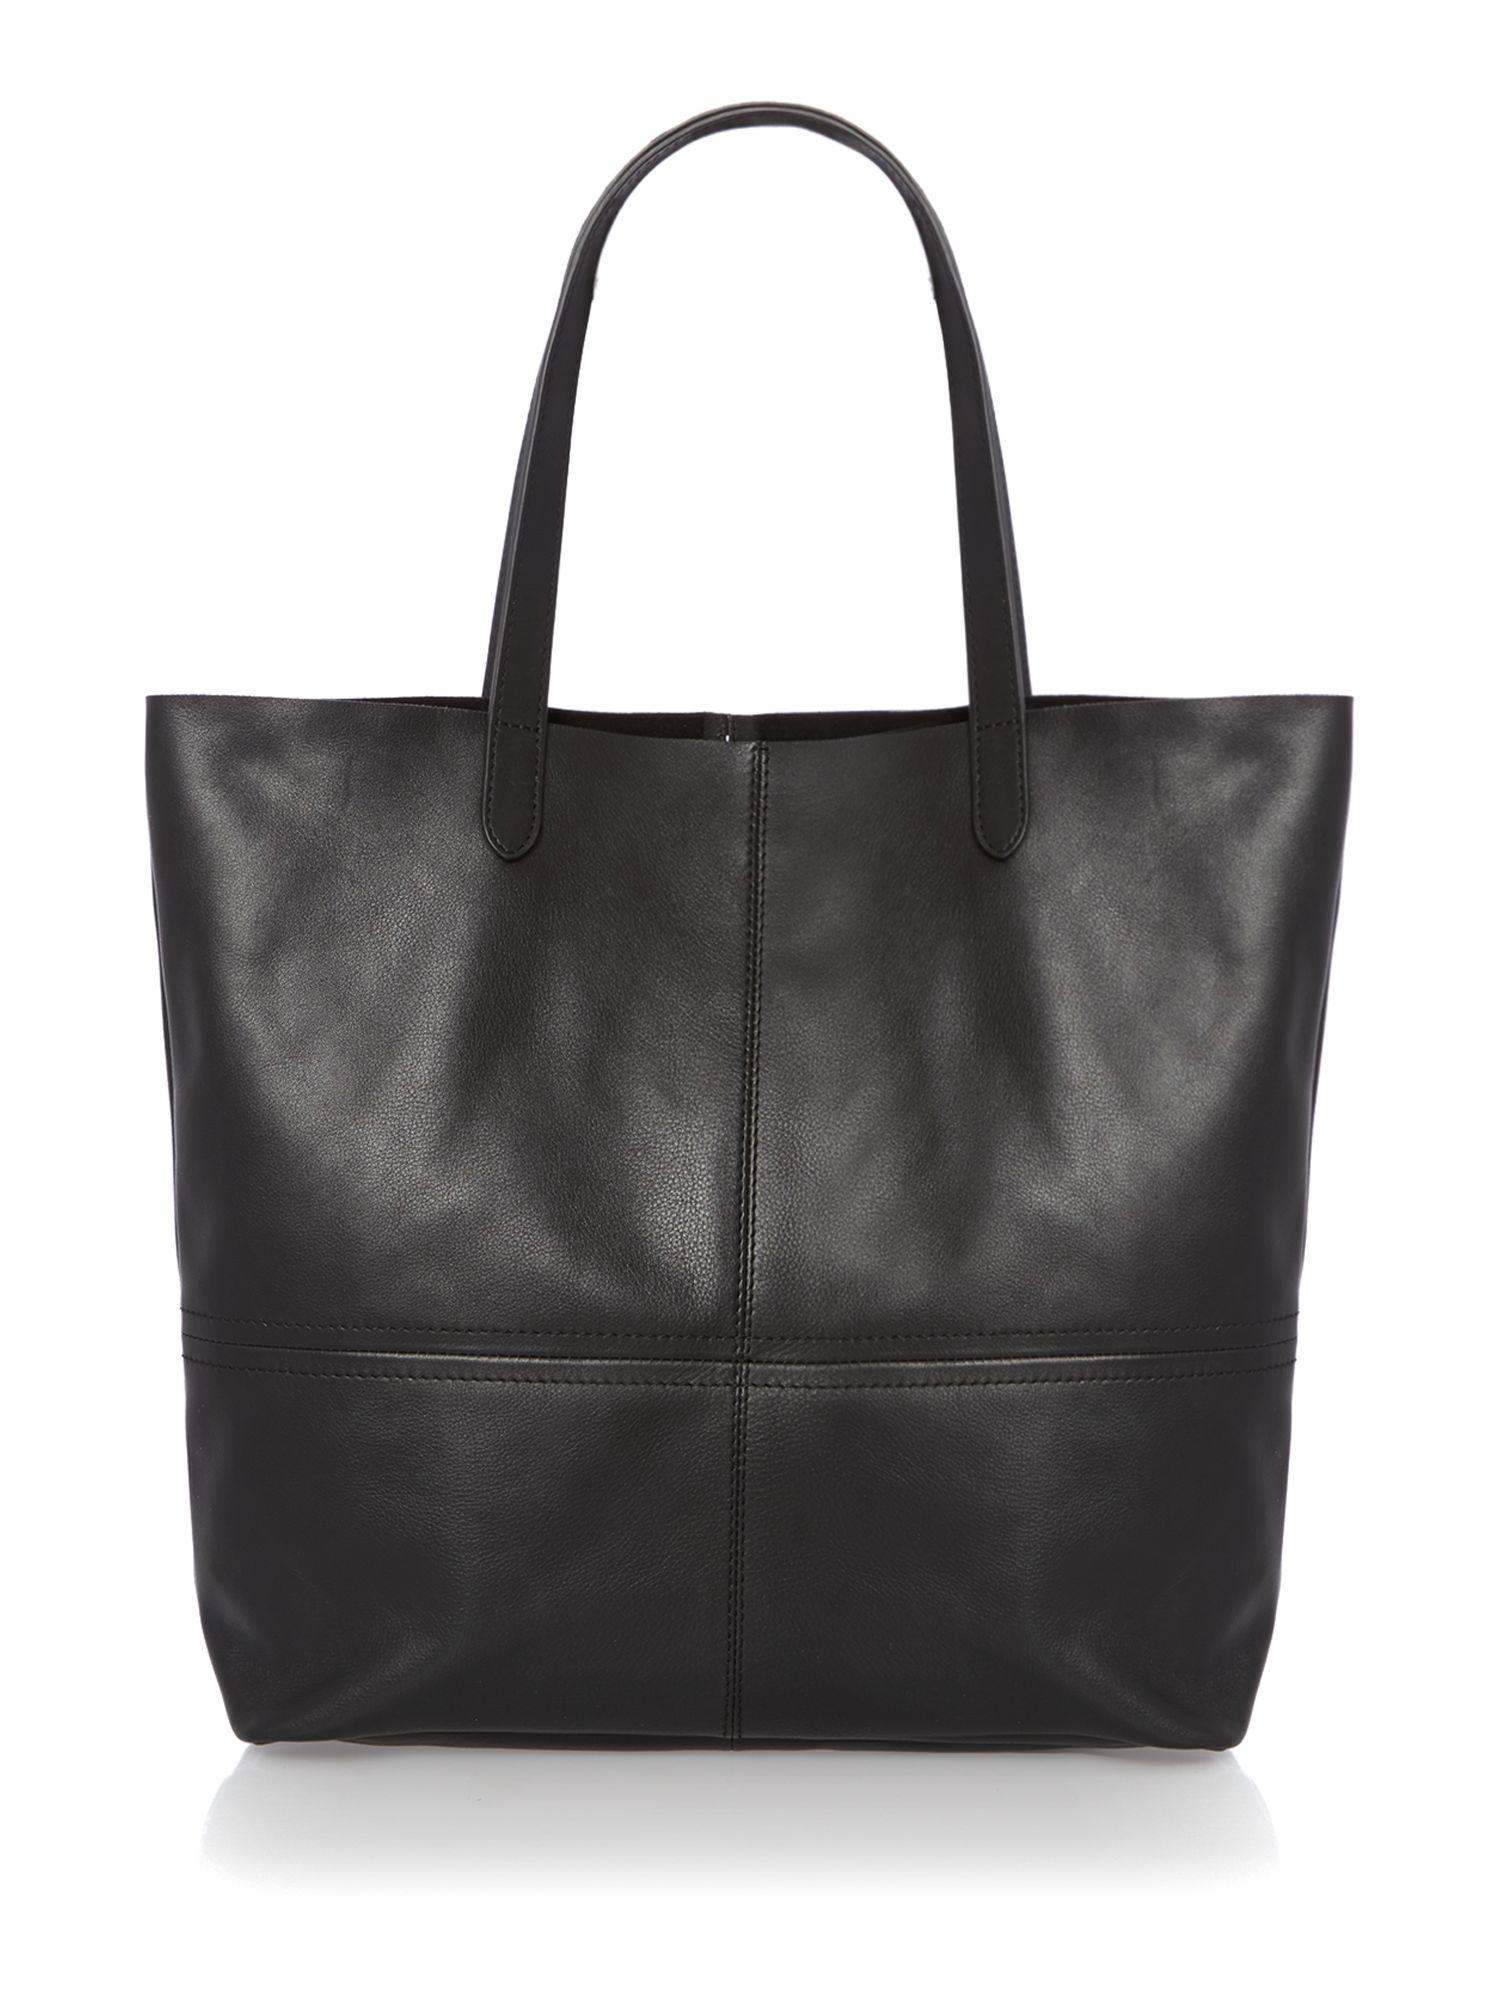 166841fa7fa6 Leather Tote Bag  Unlined Leather Tote Bag